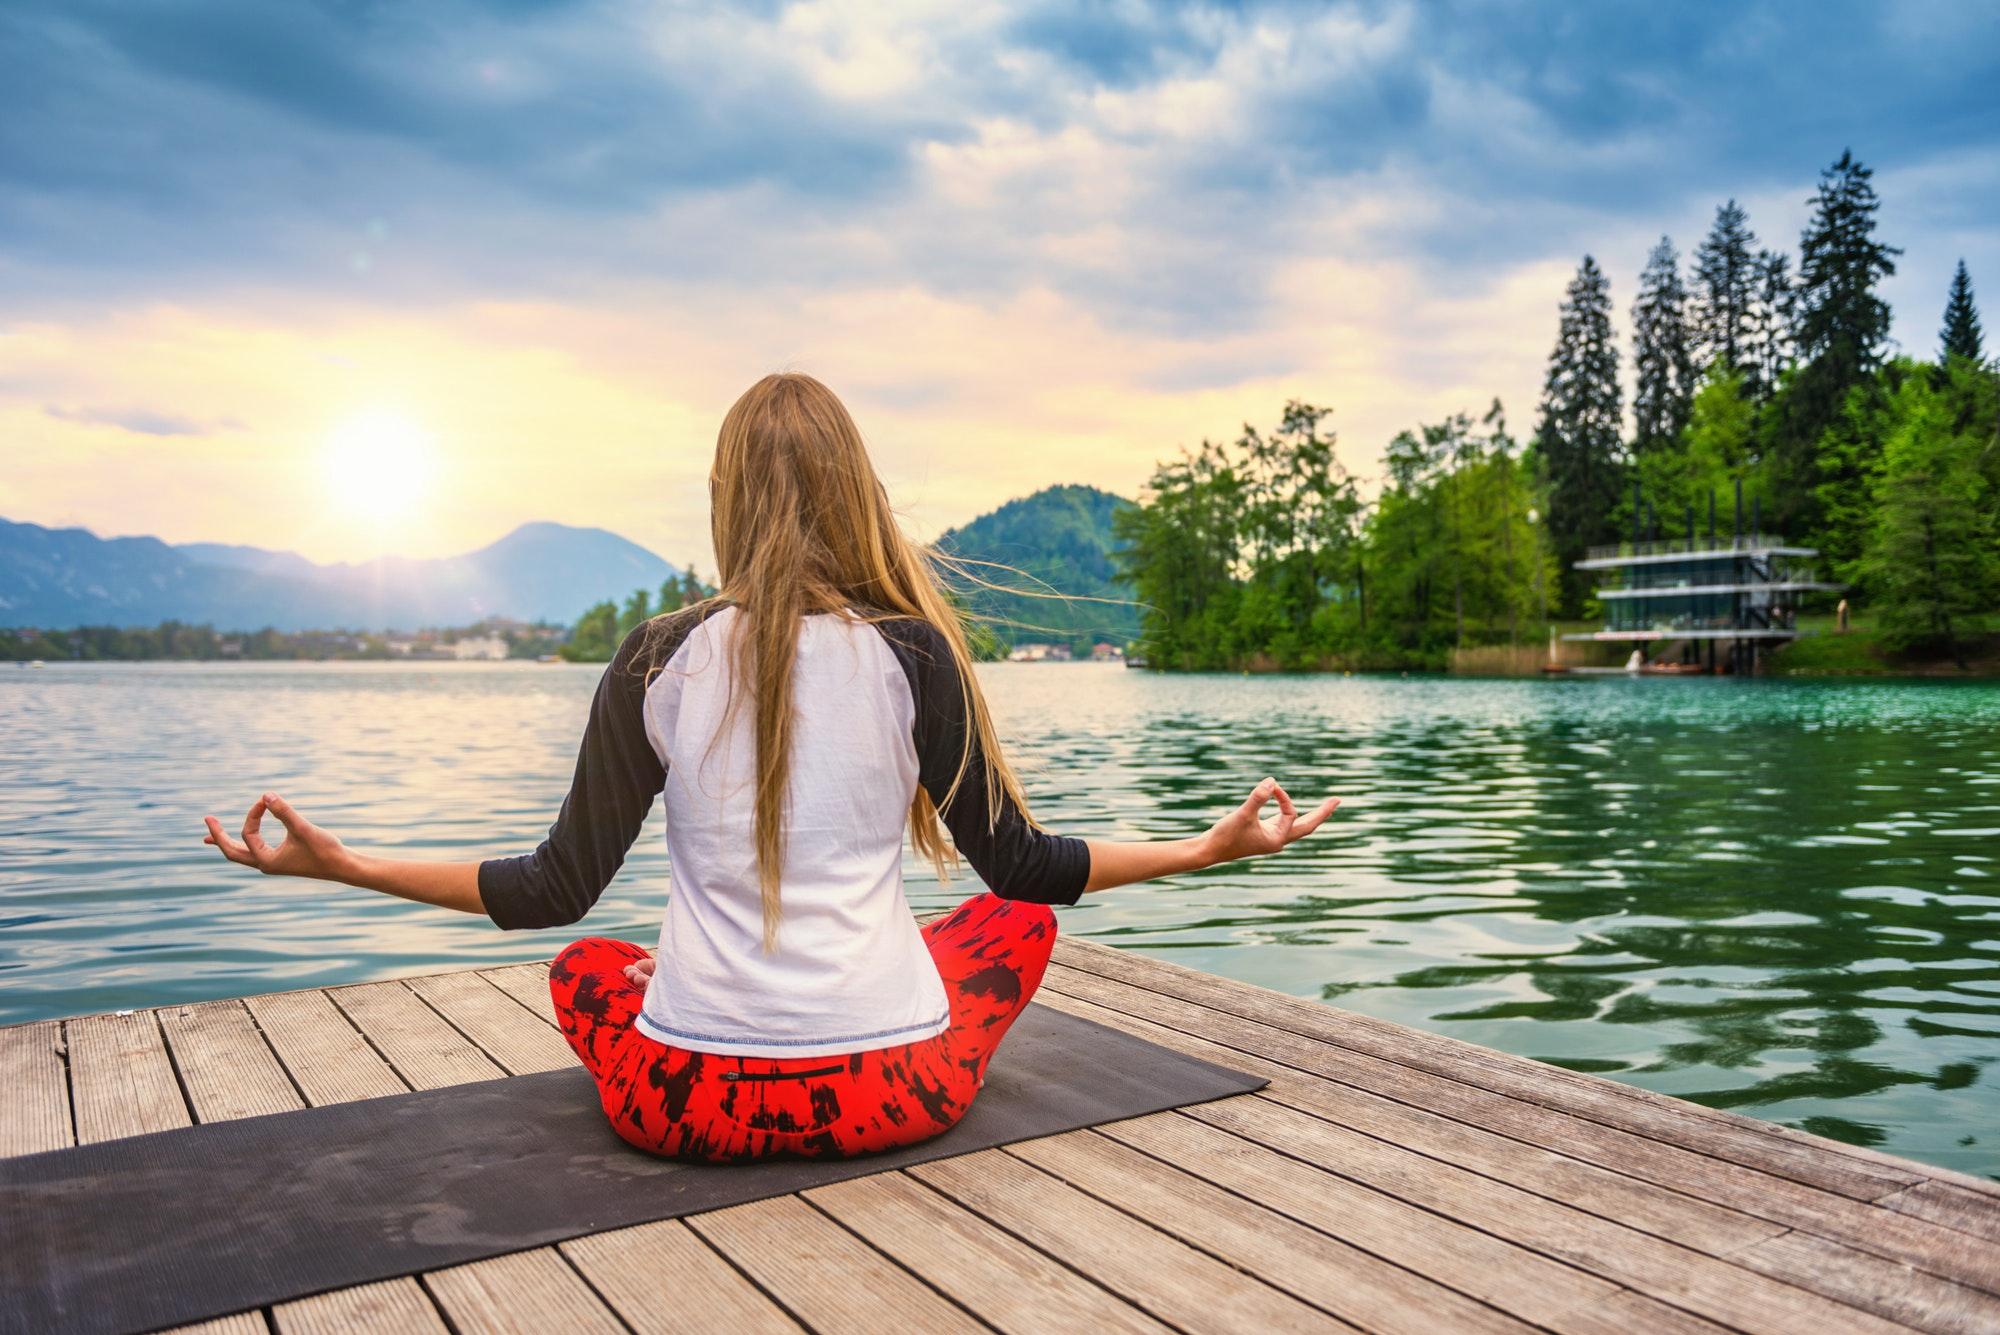 Yoga nature mindfulness lake2 0586 n